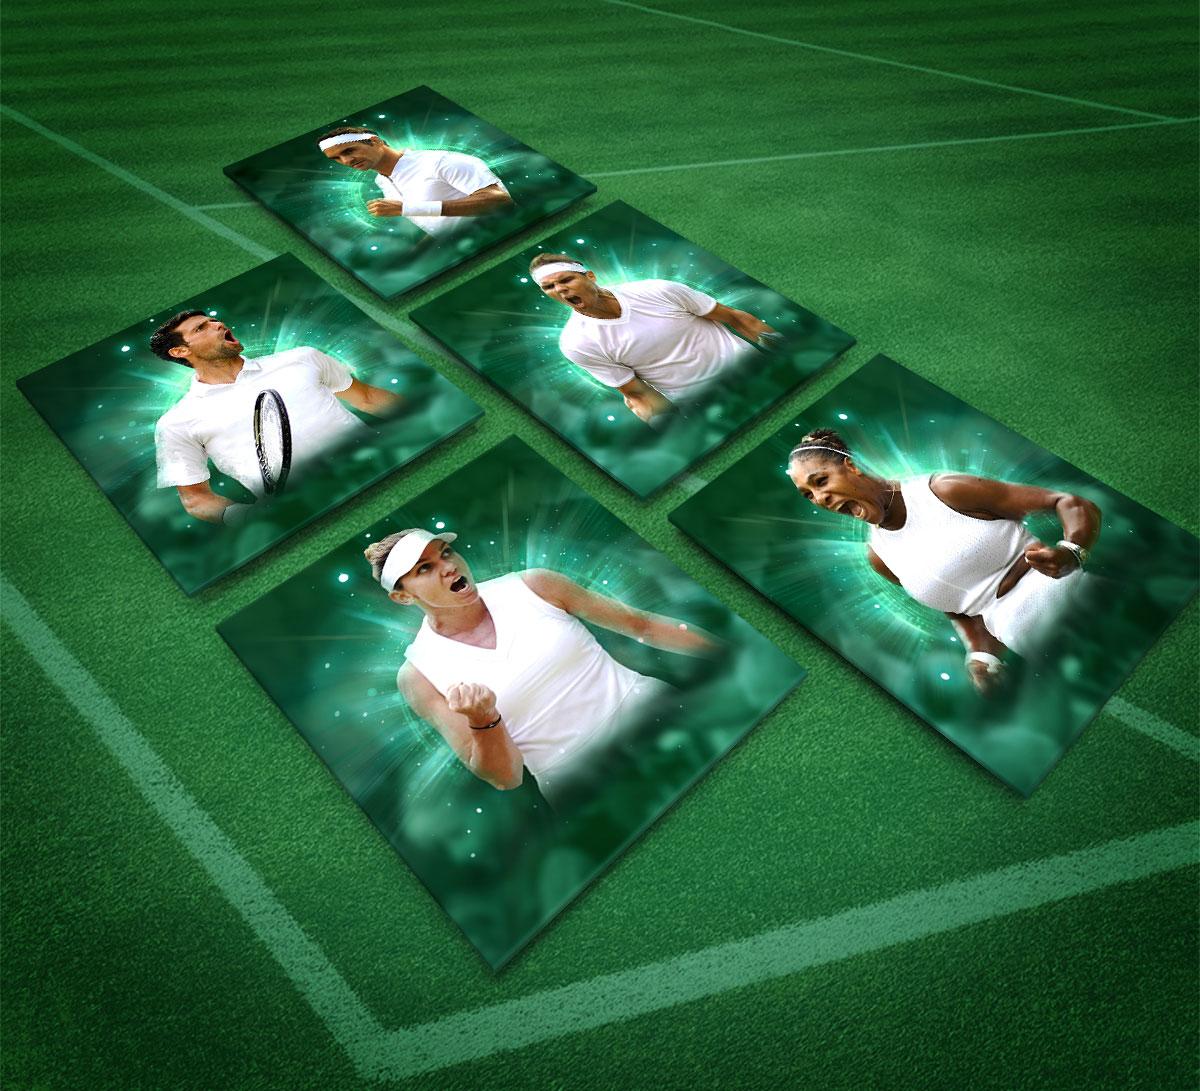 Wimbledon Tennis Top Players